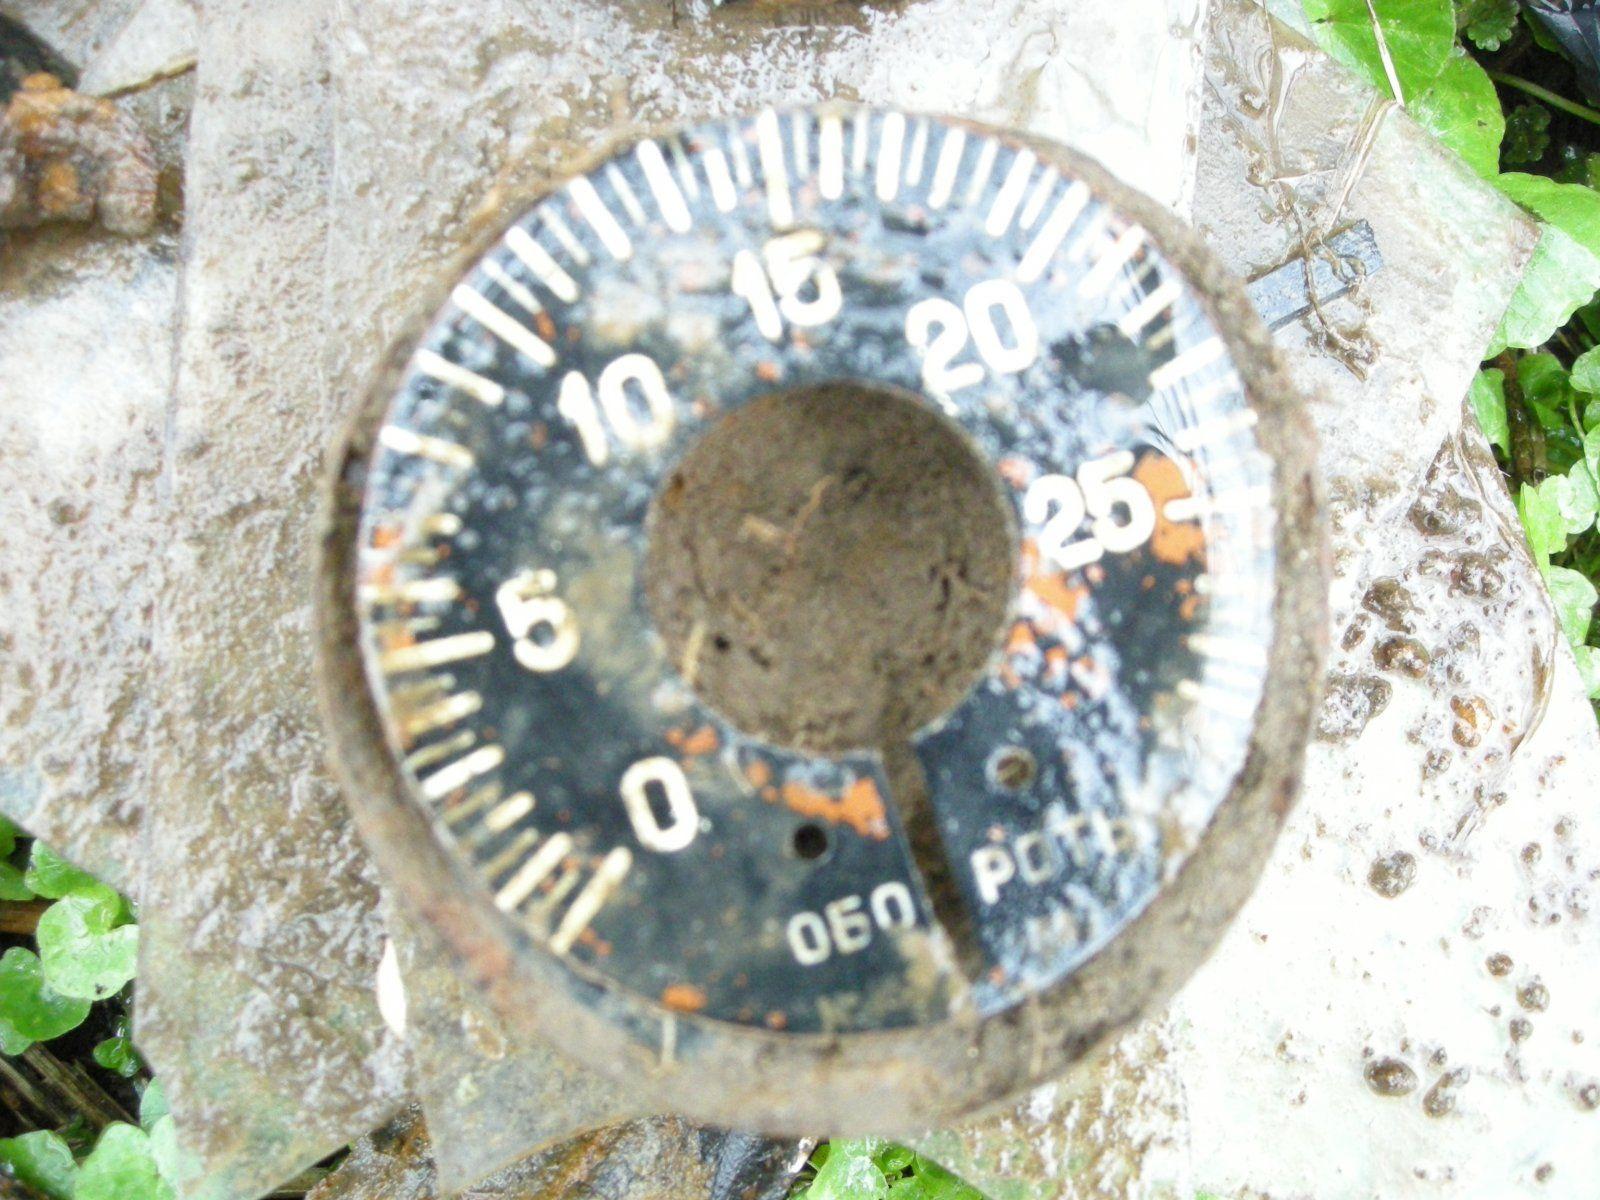 DSCN2849.JPG